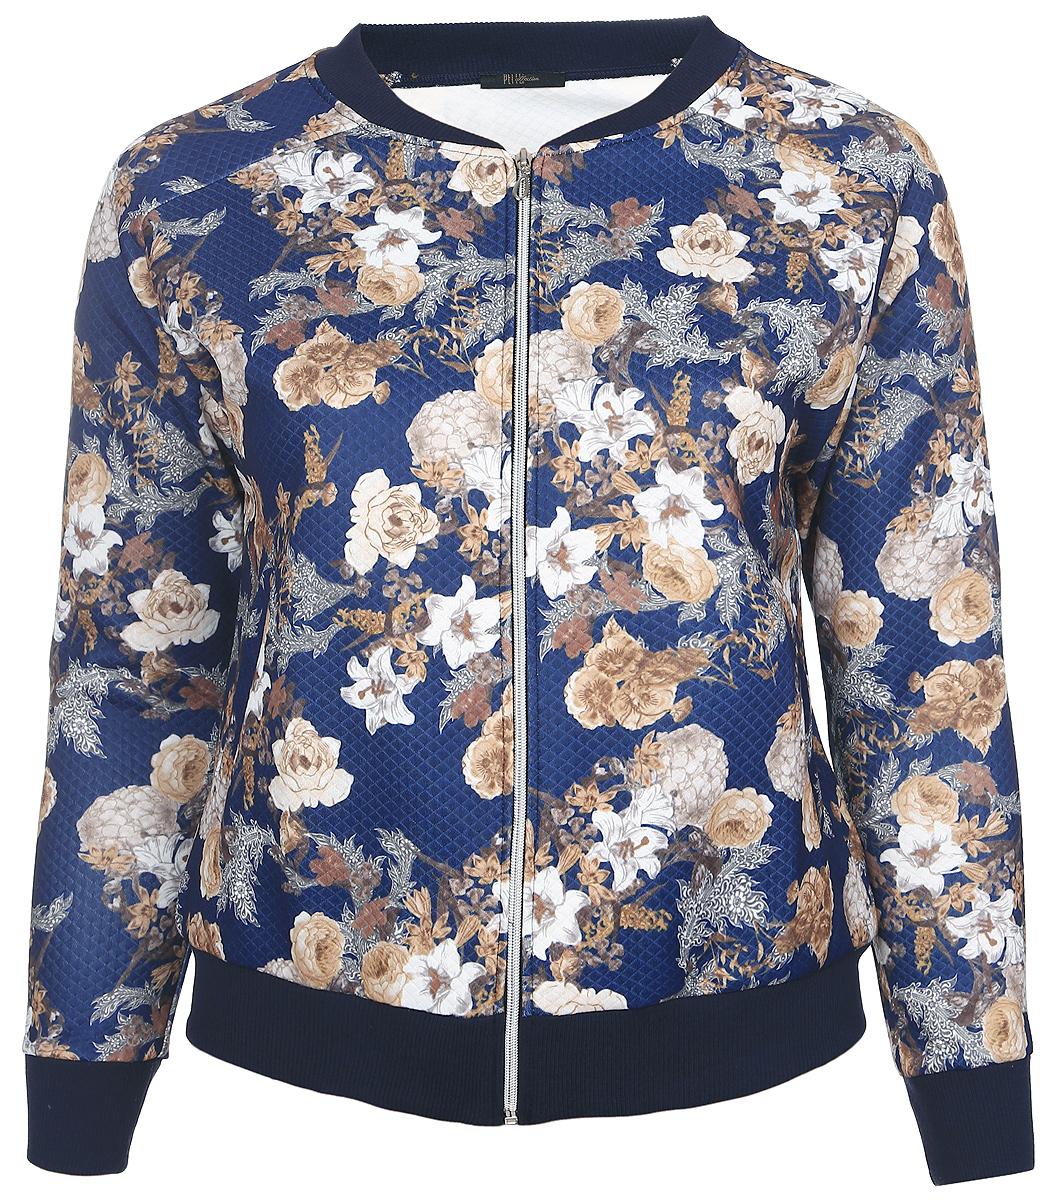 Куртка женская Pettli Collection, цвет: синий, белый, бежевый. 91645. Размер 4691645Легкая женская куртка Pettli Collection изготовлена из качественного полиэстера. Модель с небольшим воротником-стойка и длинными рукавами-реглан застегивается спереди на застежку молнию. Воротник, низ изделия и рукава дополнены трикотажными резинками. Куртка имеет по бокам два прорезных кармана. Оформлена модель цветочным принтом.